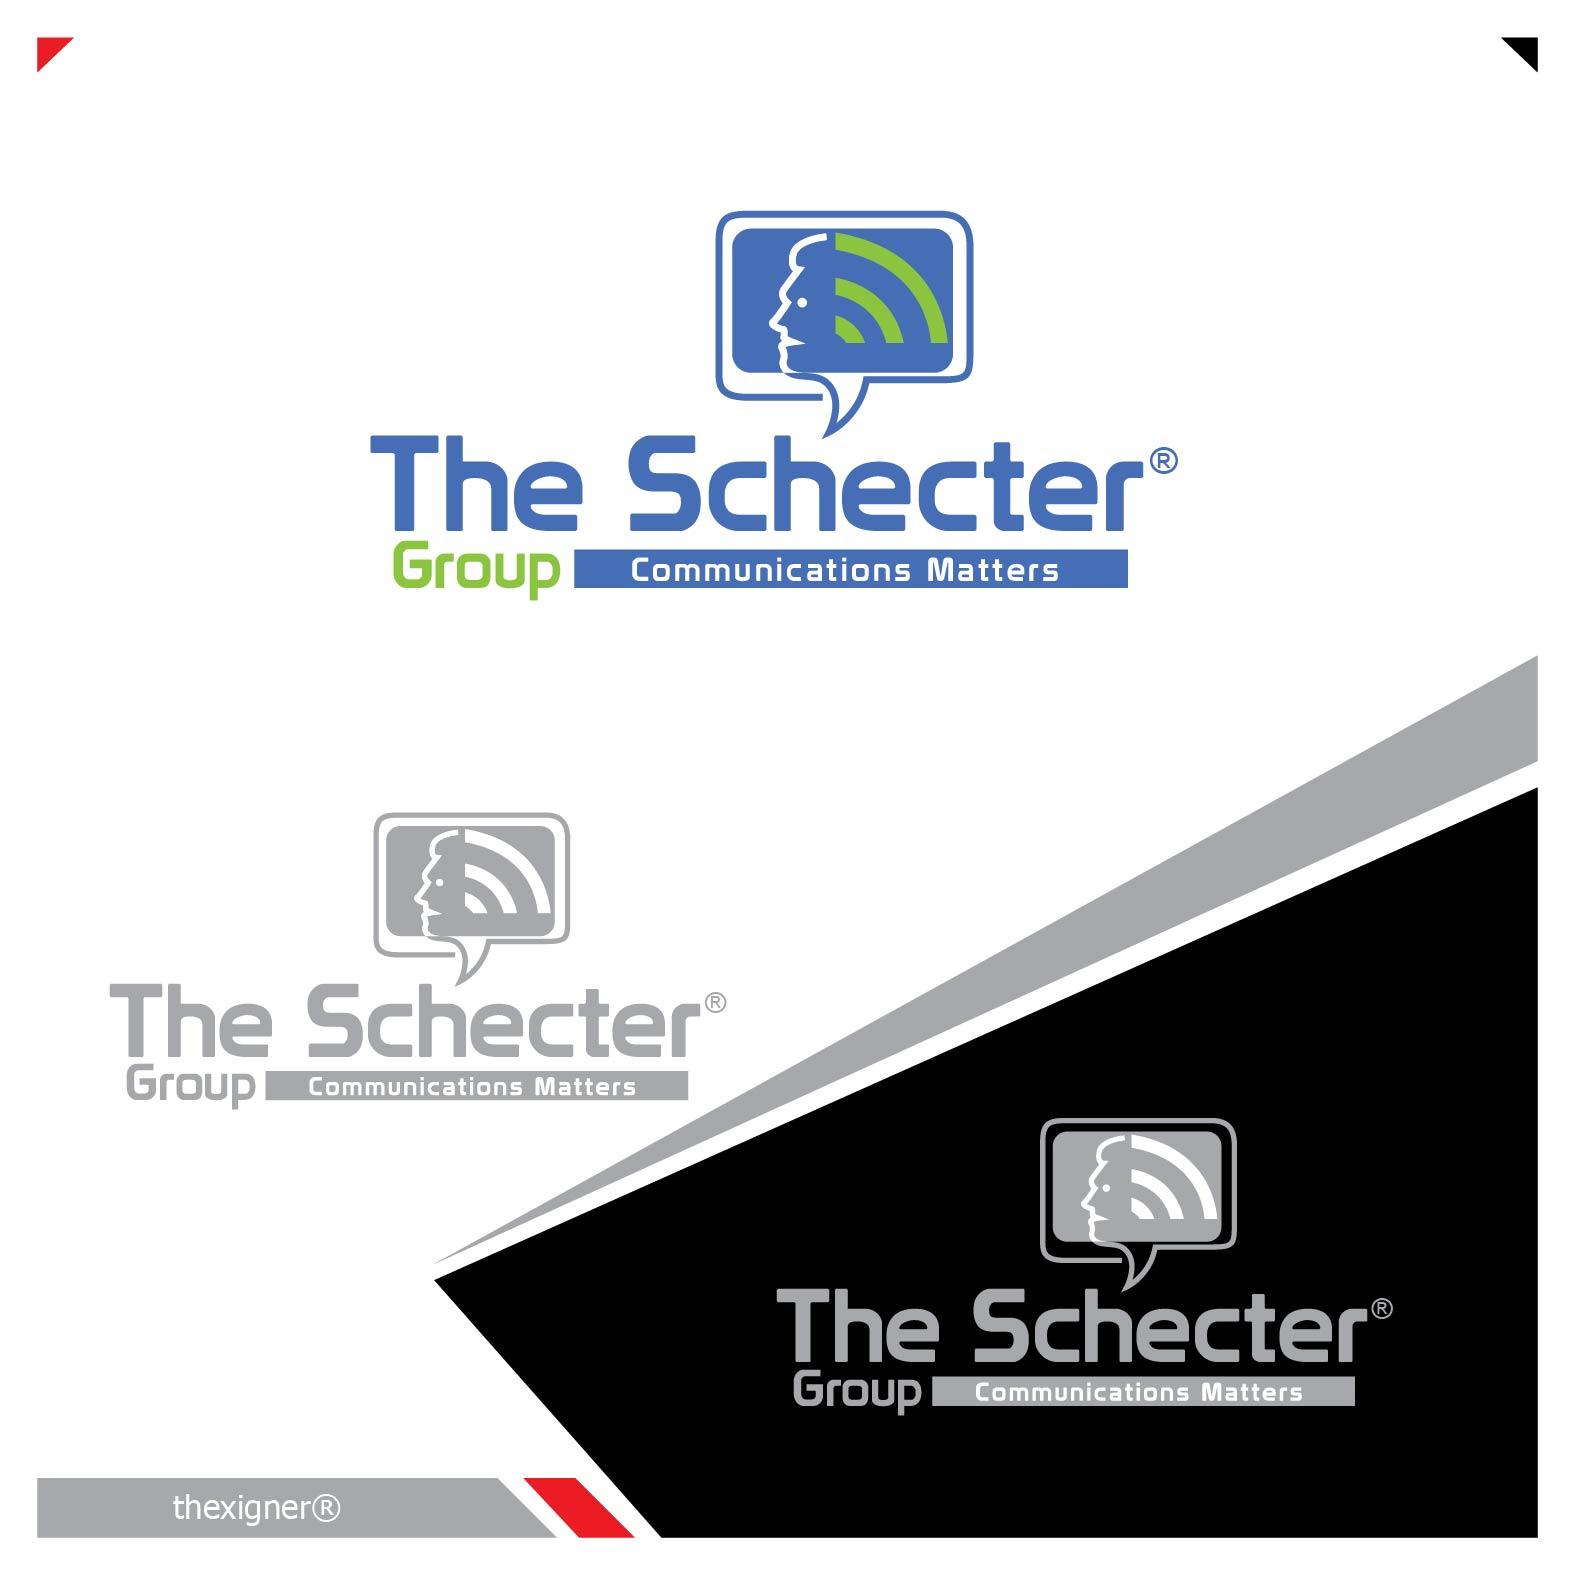 Logo Design by lagalag - Entry No. 18 in the Logo Design Contest Inspiring Logo Design for The Schecter Group.